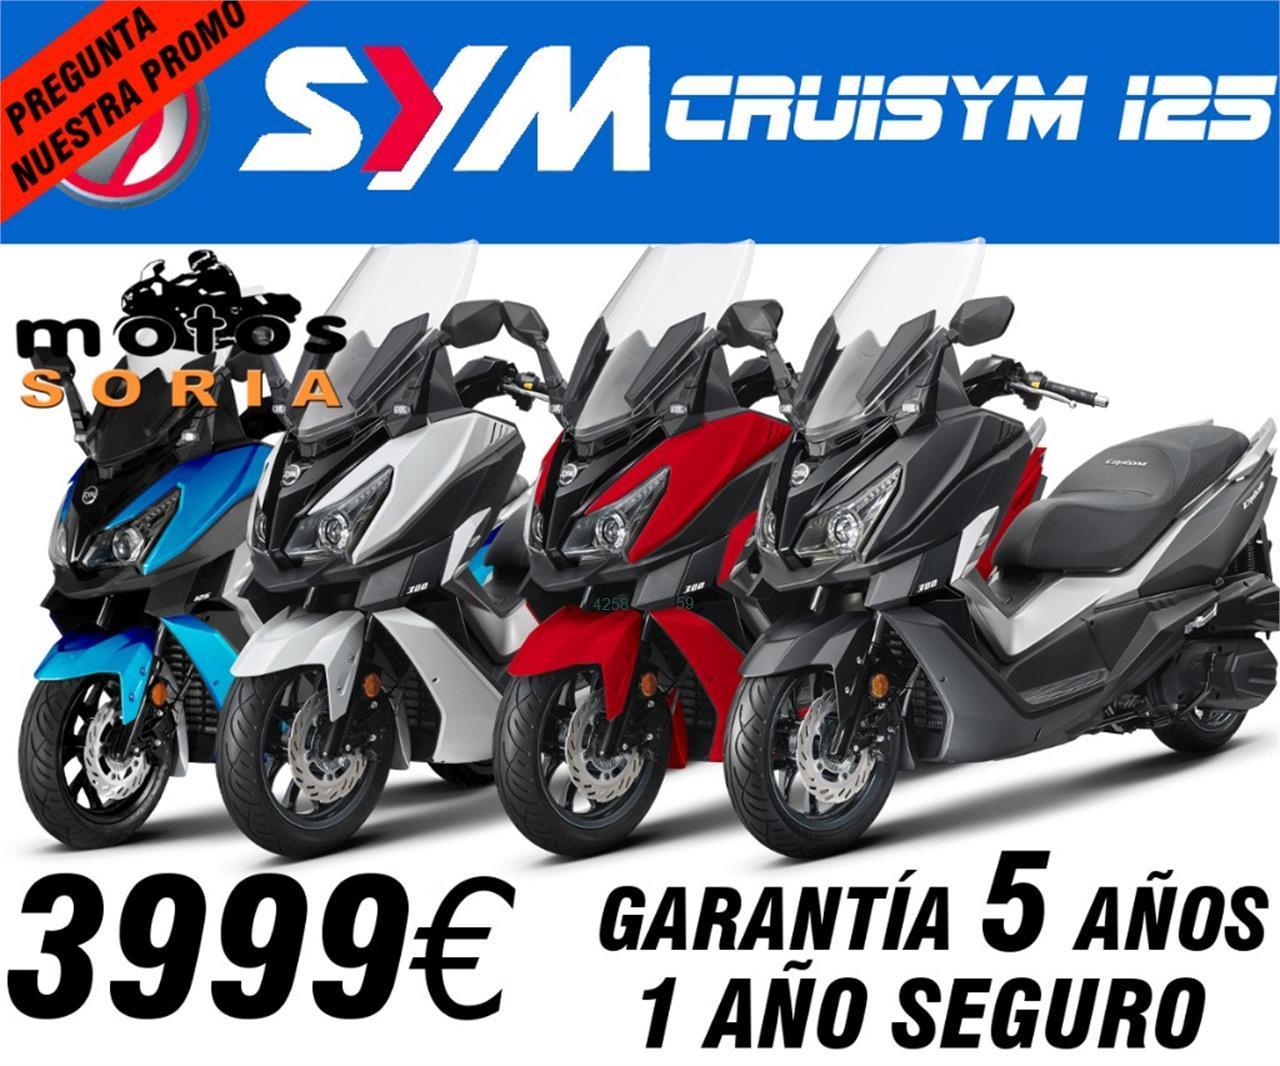 SYM Cruisym de venta